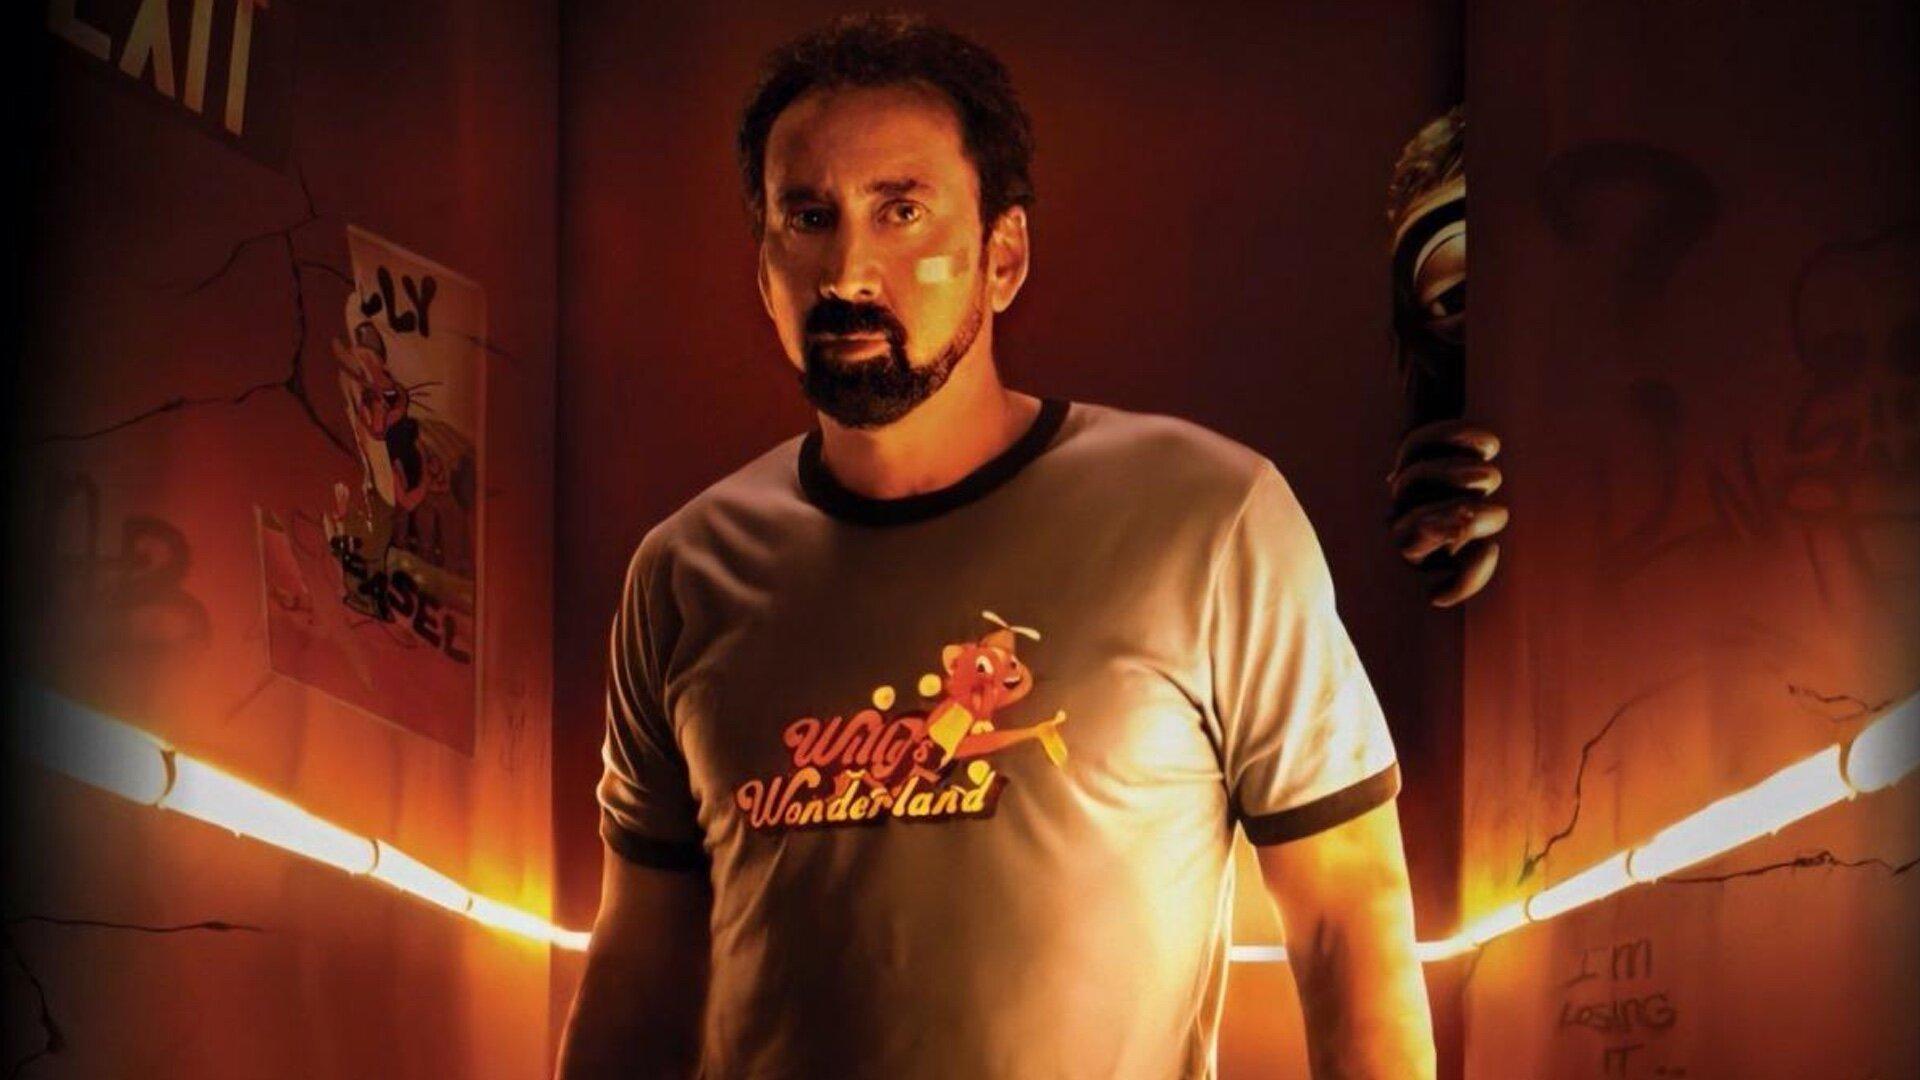 Willy's Wonderland : Nicolas Cage est de retour dans un teaser sanglant et décalé